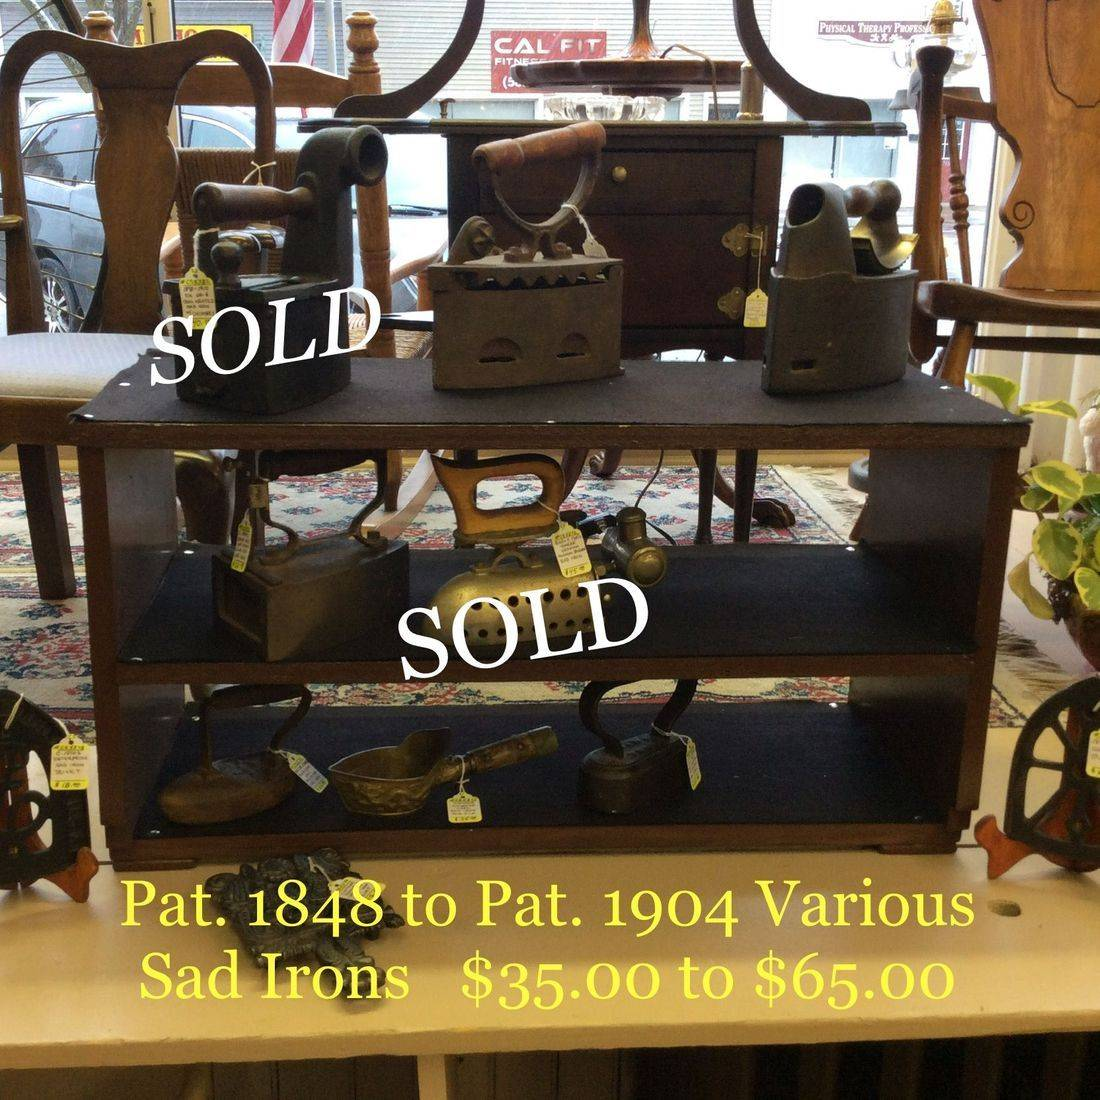 Pat. 1848 to Pat. 1904 Various Sad Irons   $35.00 to $65.00